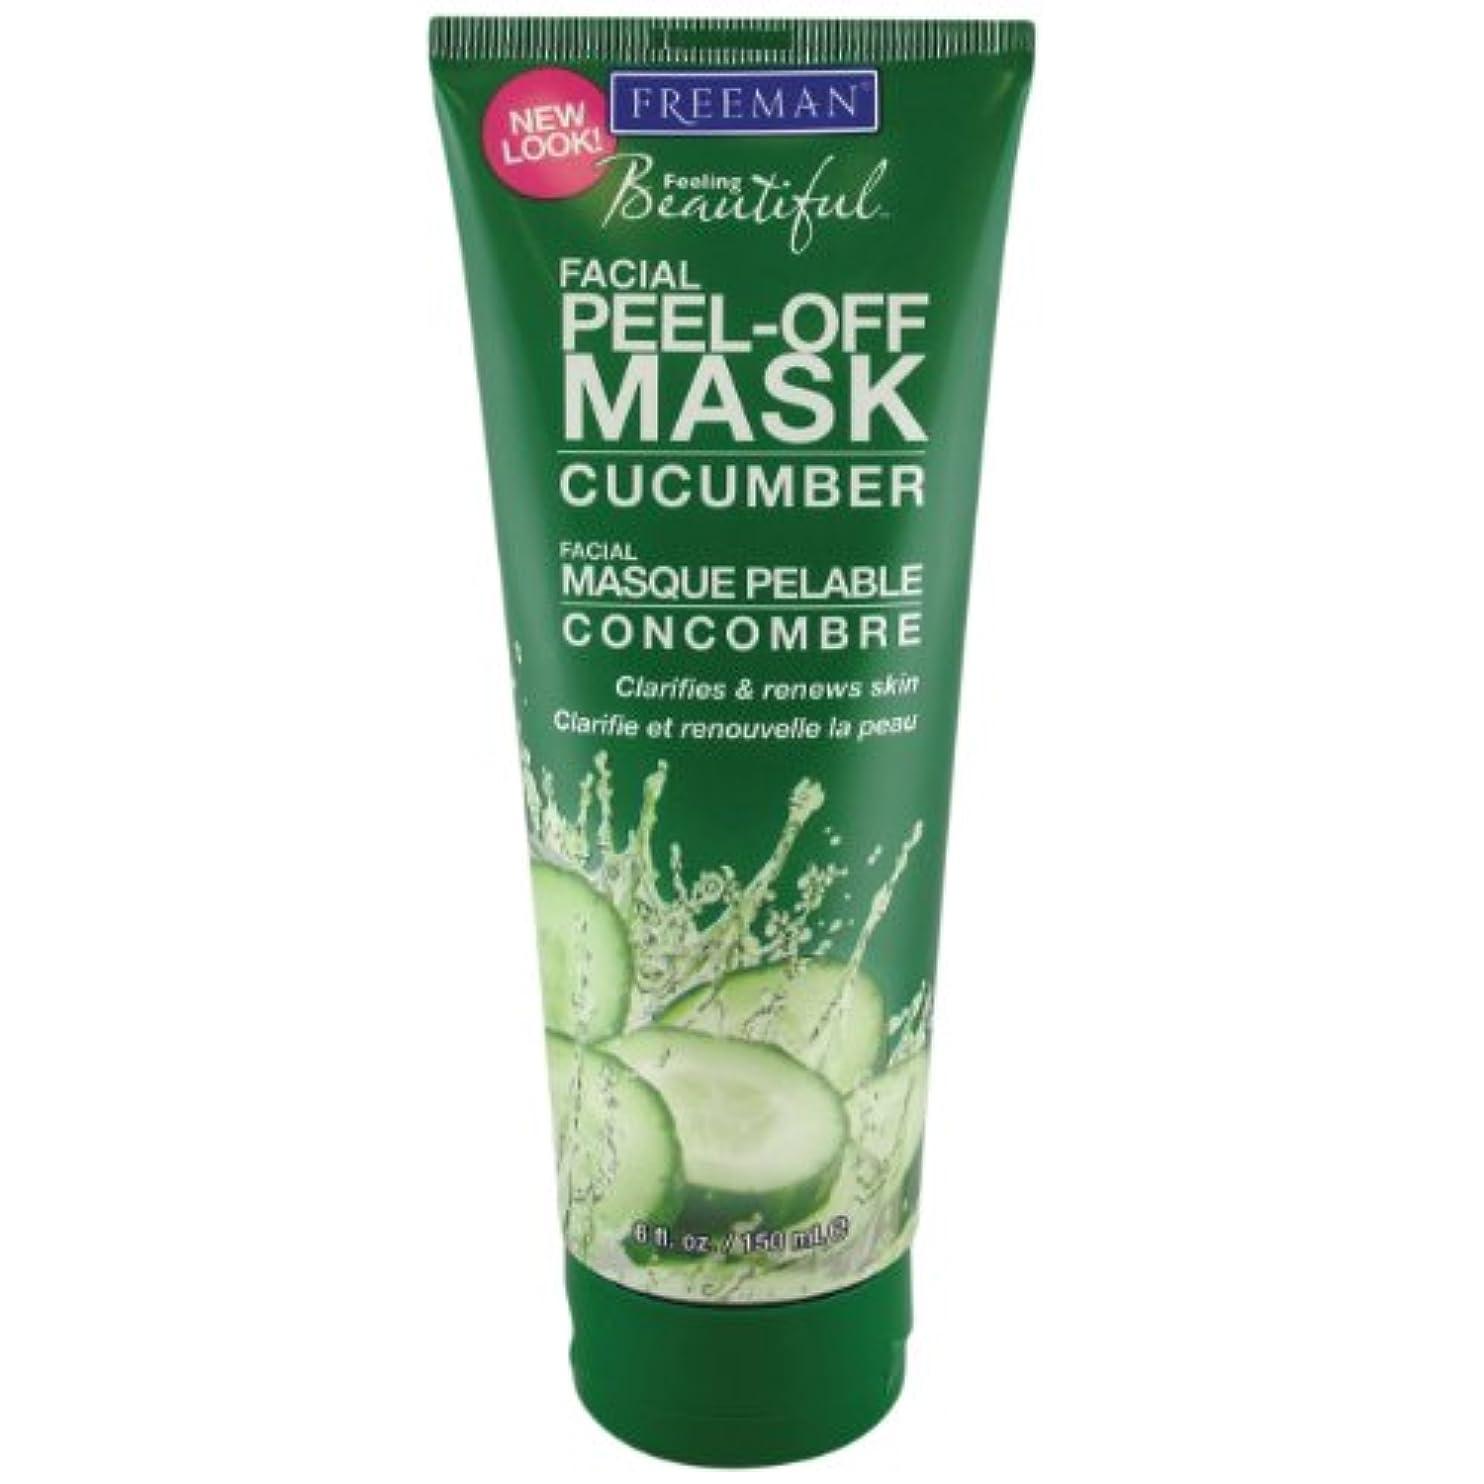 気分が良い熟考する単なるFreeman Facial Peel-Off Mask Cucumber 150 ml (並行輸入品)